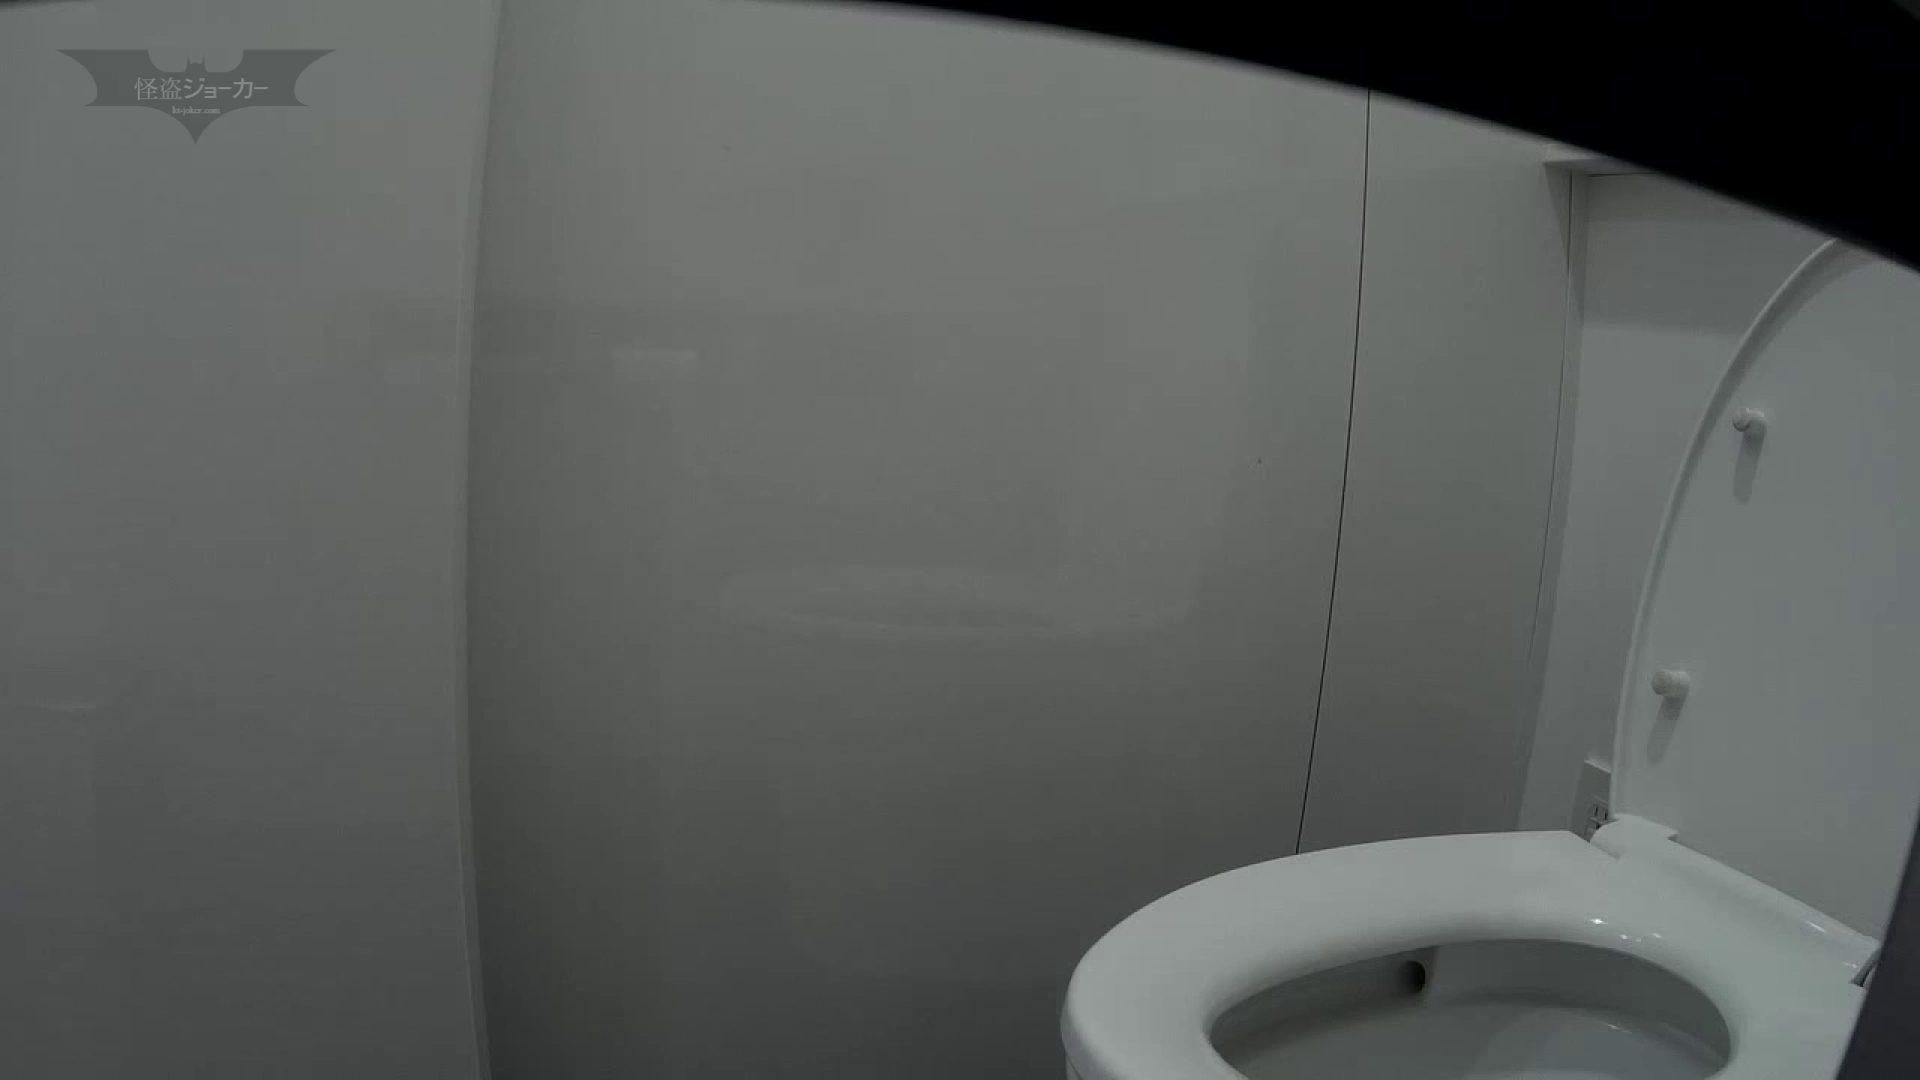 有名大学女性洗面所 vol.57 S級美女マルチアングル撮り!! 美女 | 和式便所  80枚 1